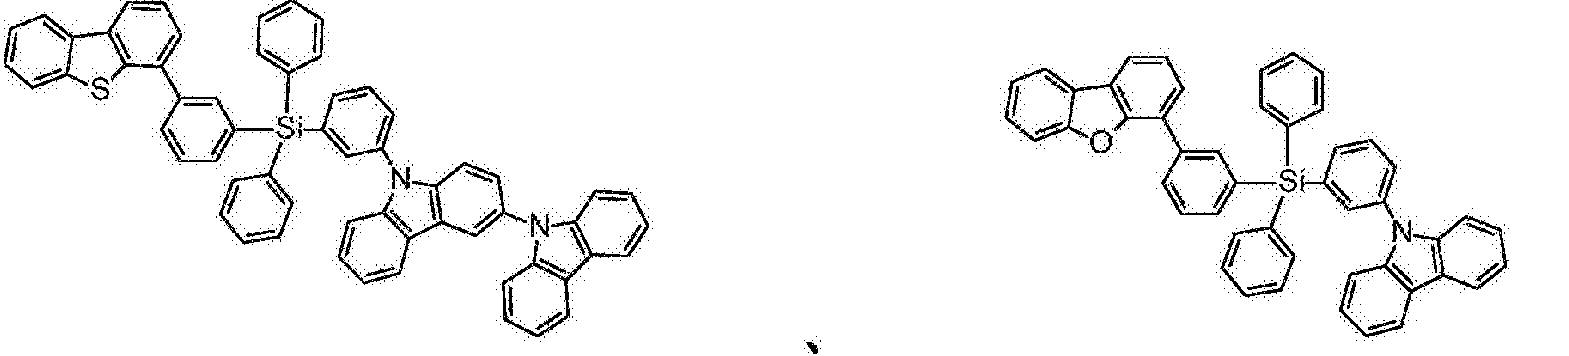 Figure CN105993083BD00342